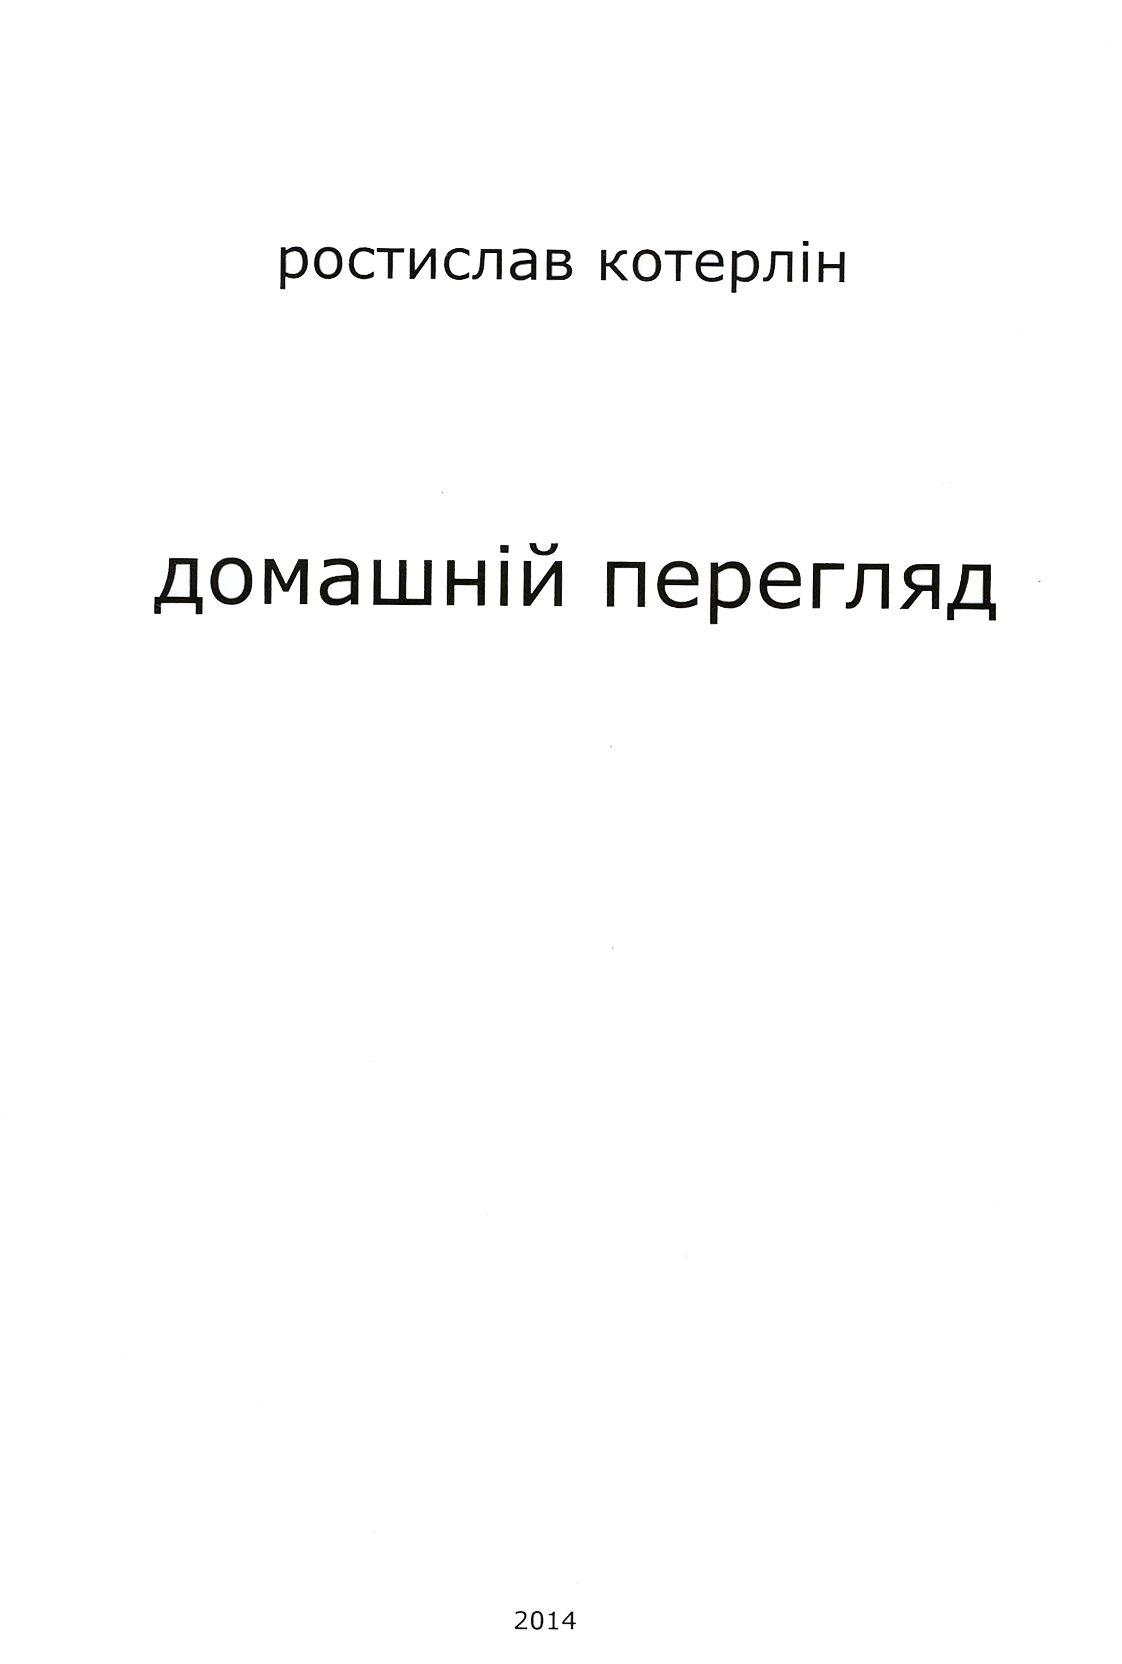 Ростислав Котерлін. Домашній перегляд